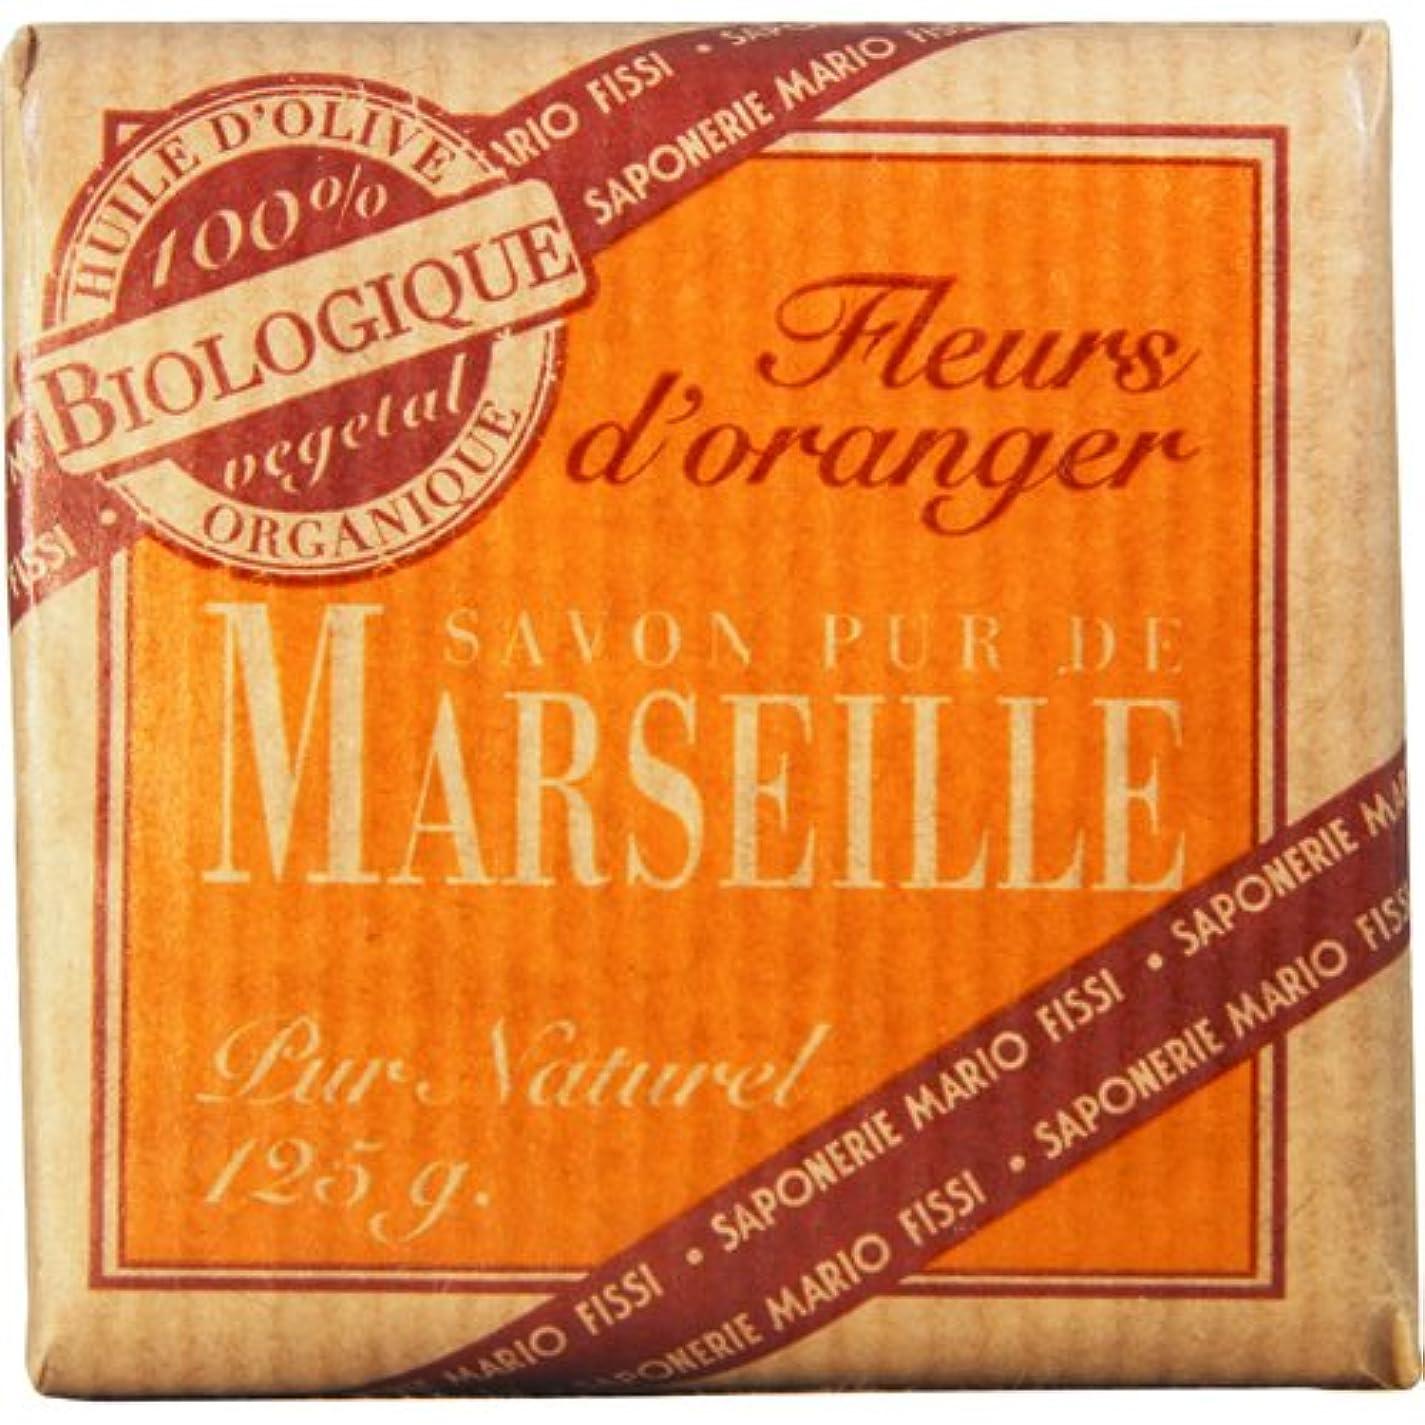 怪しい好みシャーロットブロンテSaponerire Fissi マルセイユシリーズ マルセイユソープ 125g Orange Flower オレンジフラワー